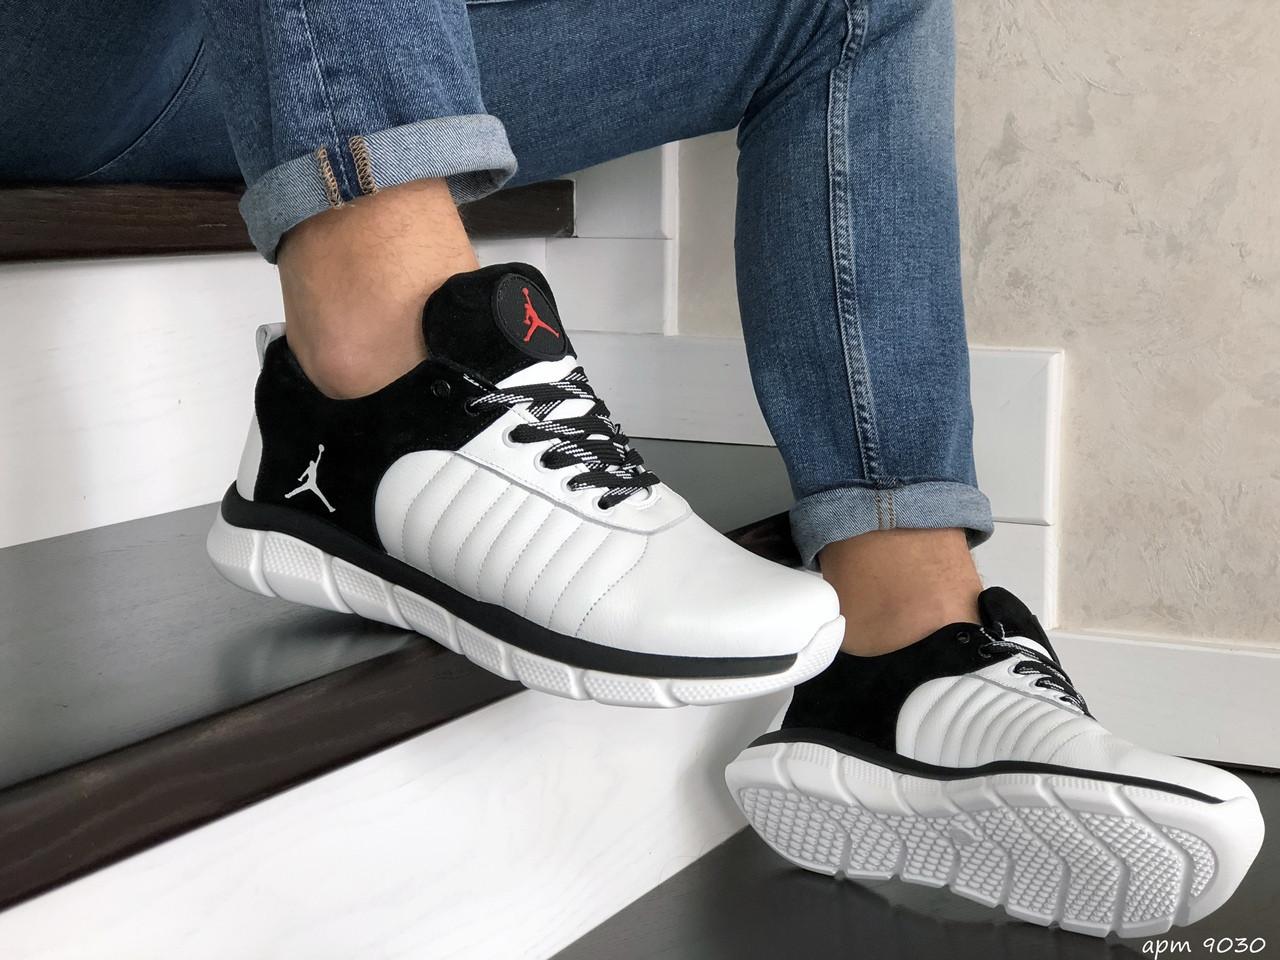 Чоловічі кросівки Nike Air Jordan (біло-чорні) 9030